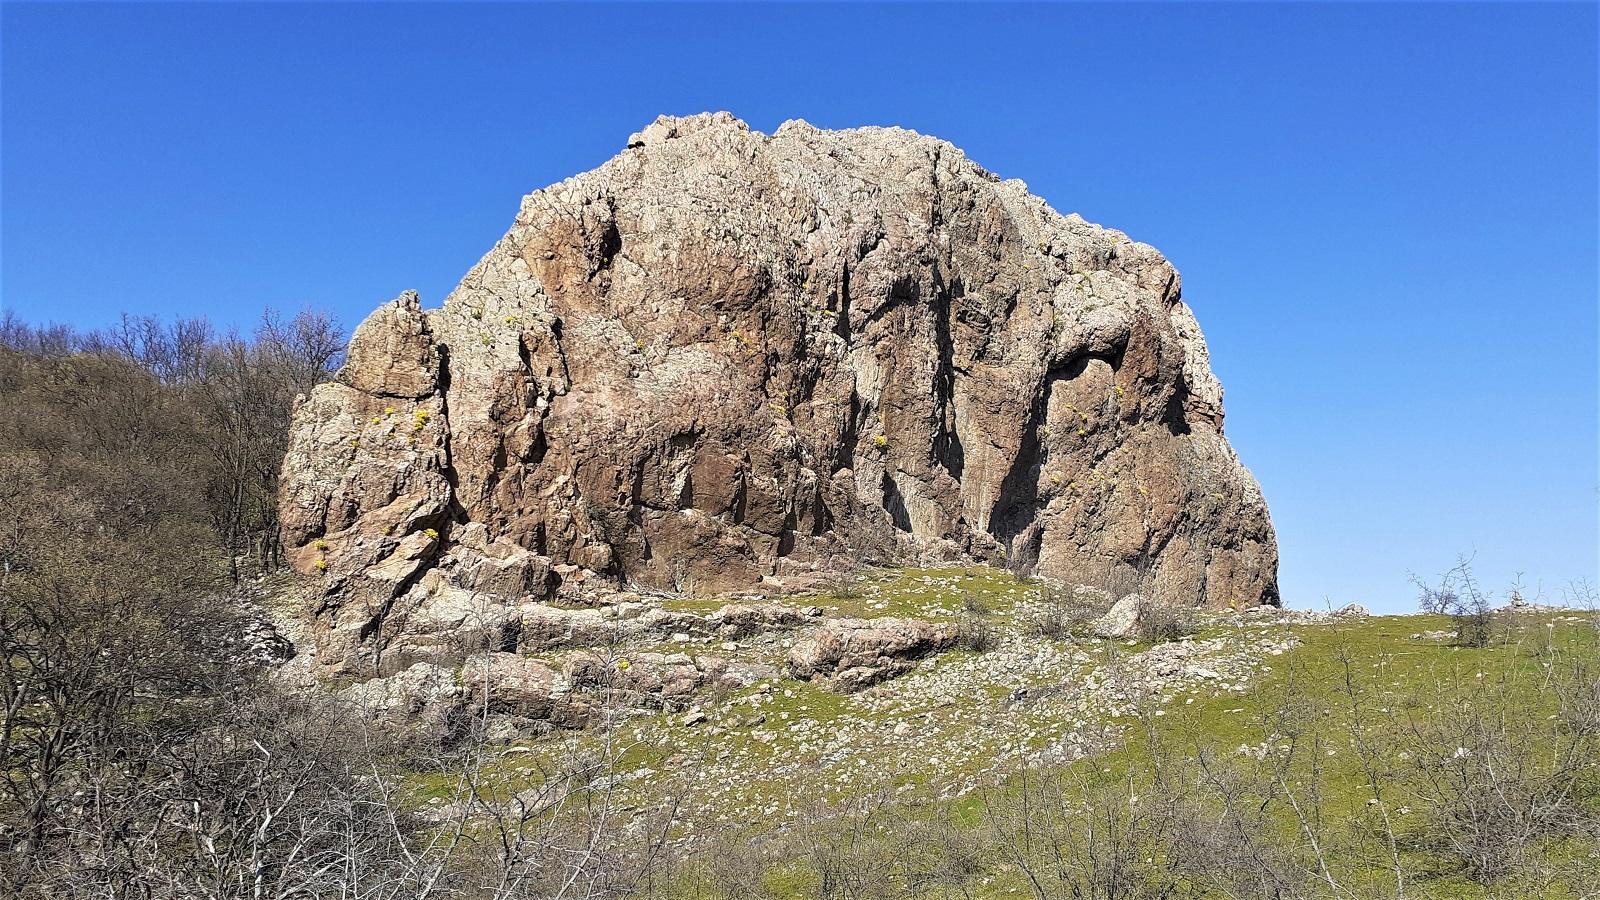 Останки от крепост Ефраим над стената на язовир Студен кладенец